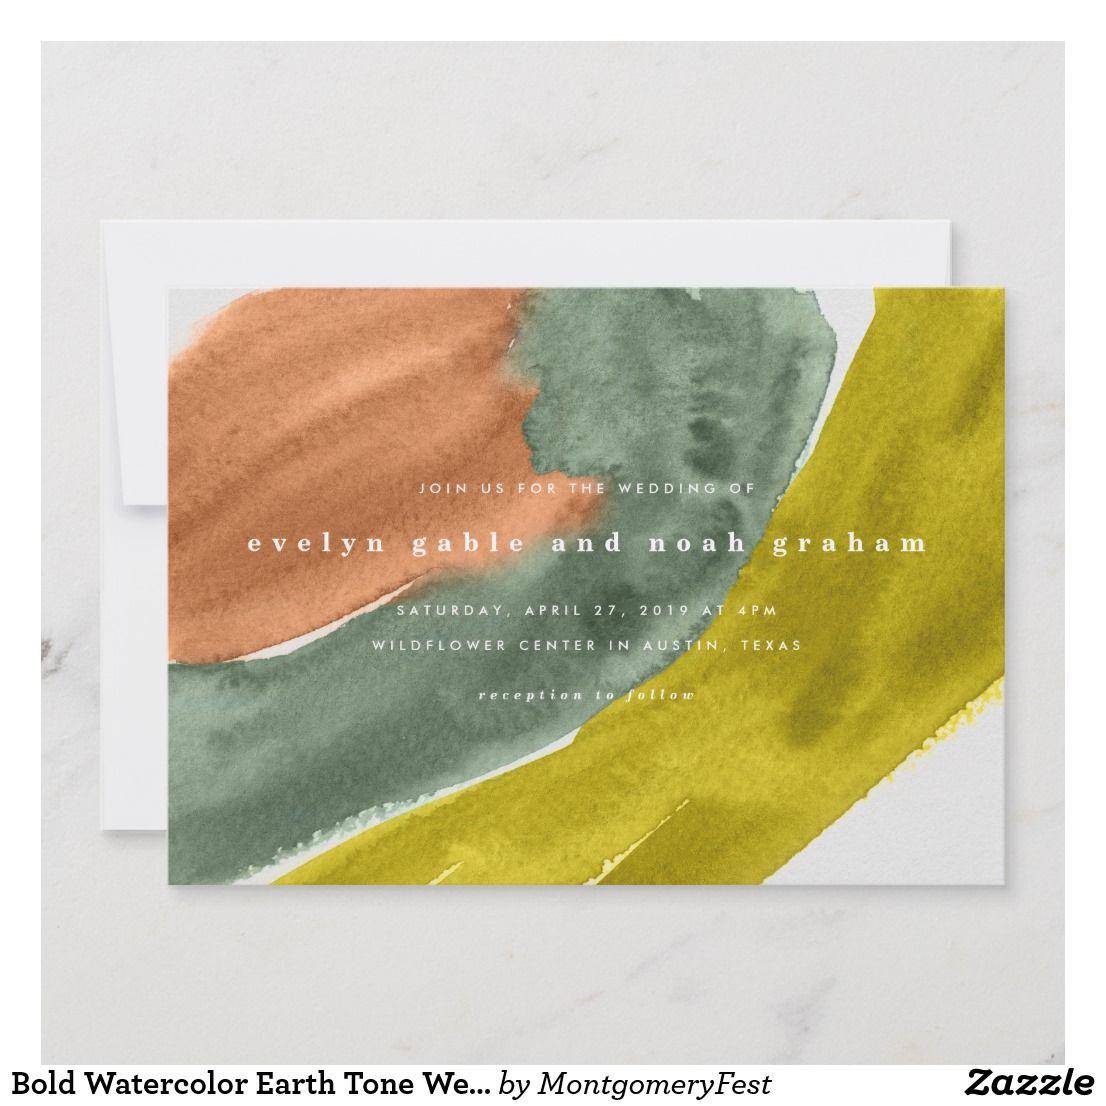 Bold Watercolor Earth Tone Wedding Invitation